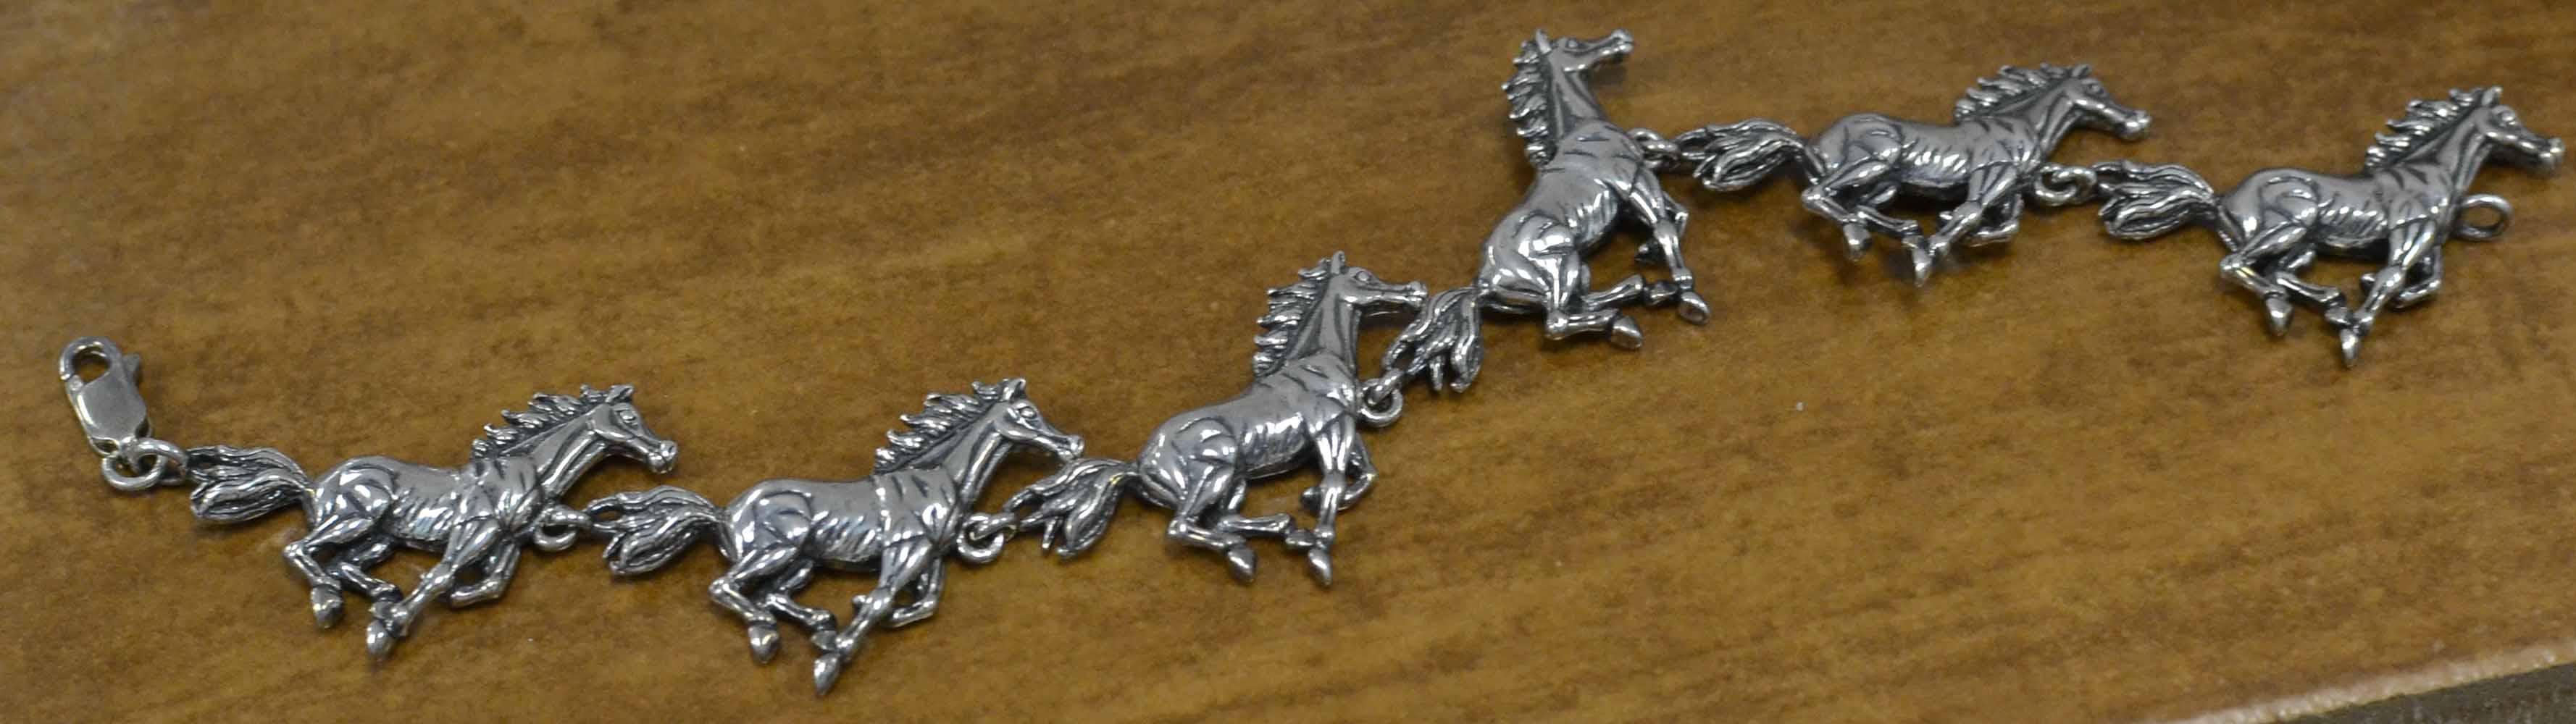 Sterling Silver Running Horses Bracelet